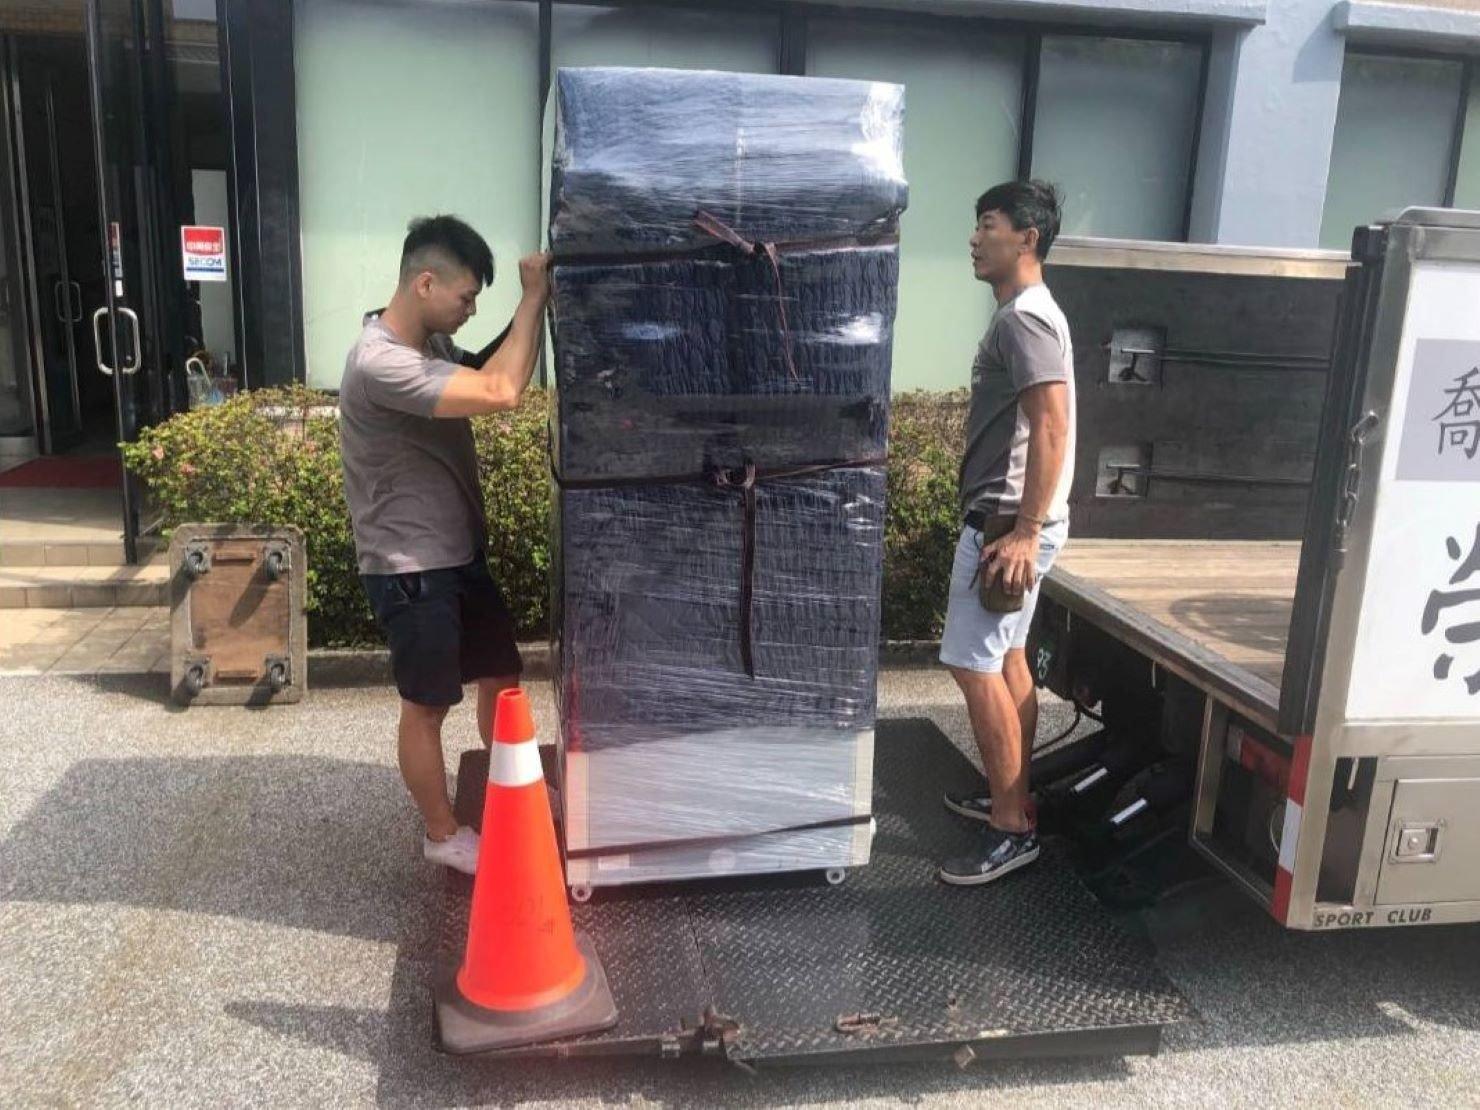 台北搬家公司推薦【榮福搬家公司】重物搬運、搬冰箱值得您來選擇:從實驗室裡將包裝好的冷凍冰箱推出來(冰箱本身就有輪子),準備運上貨車。